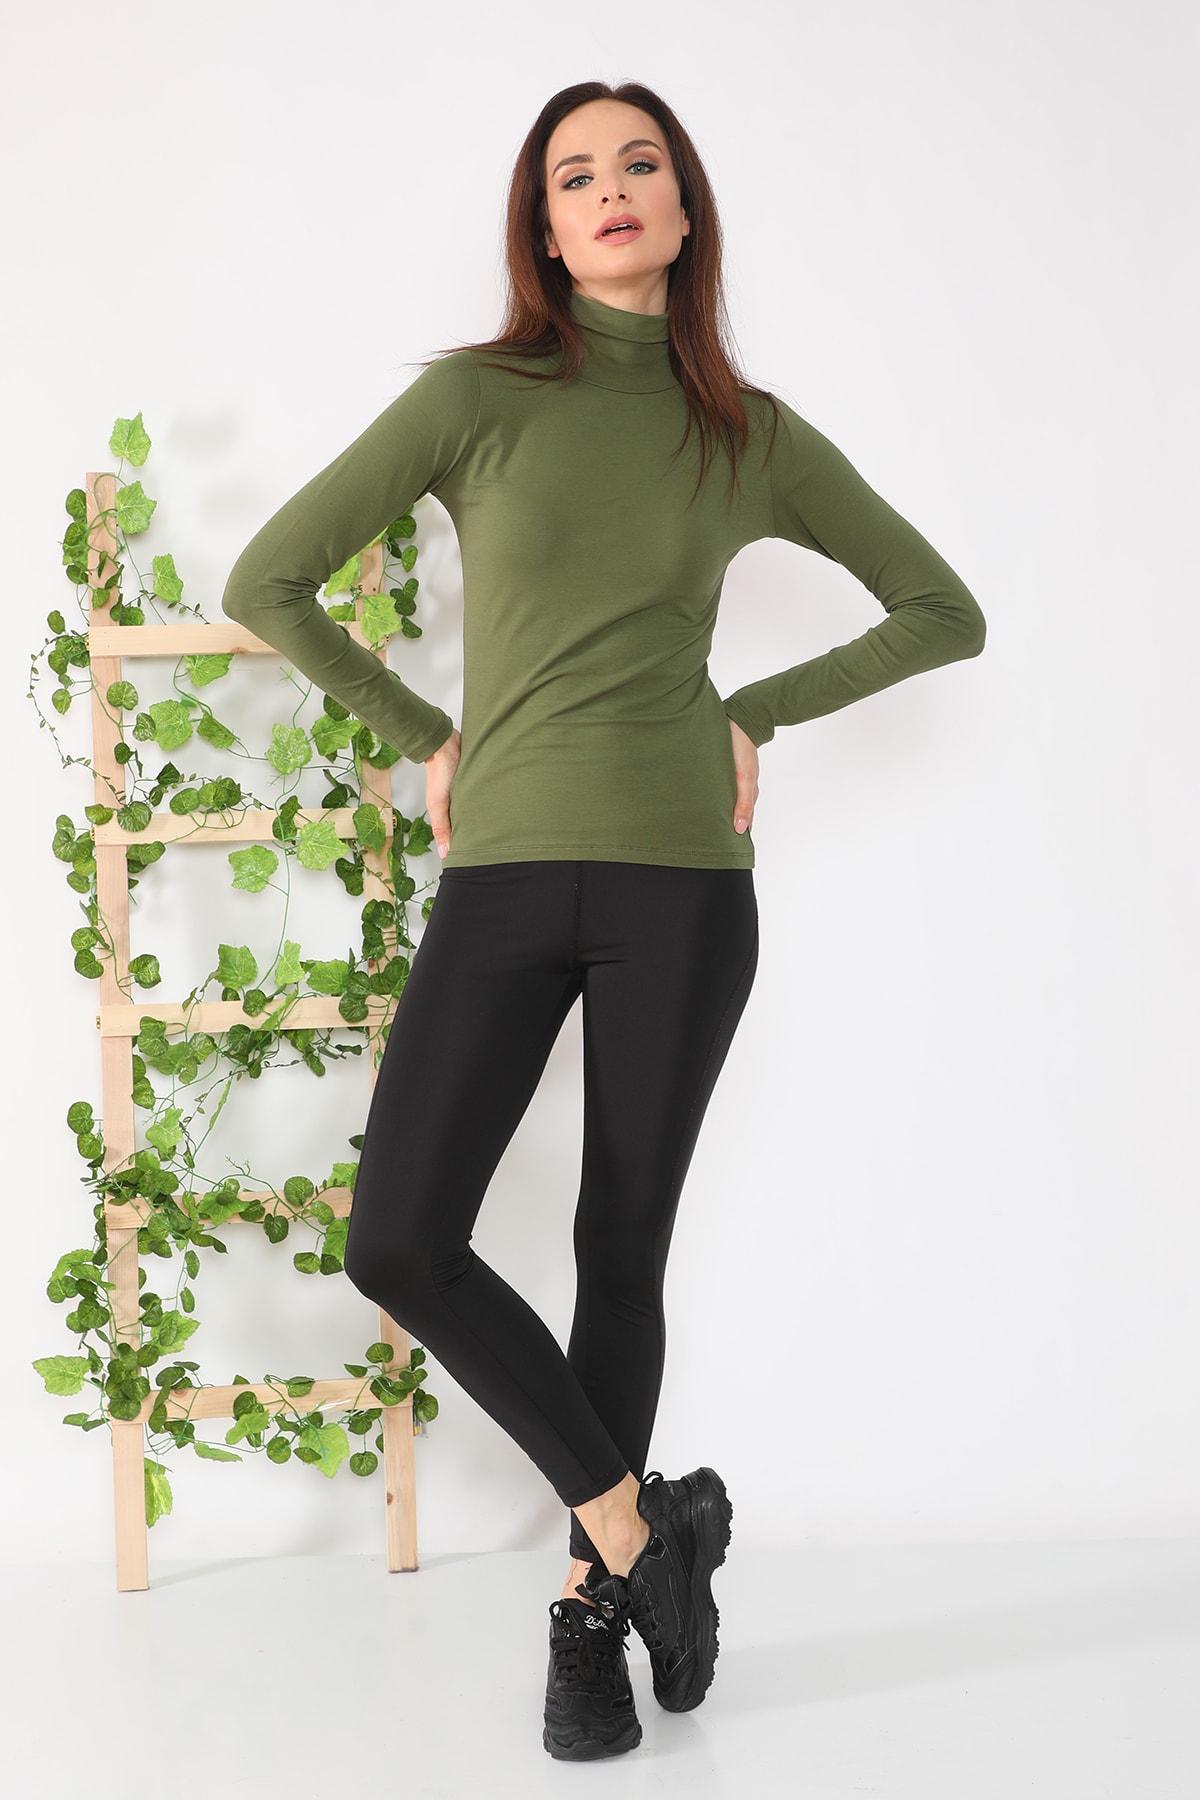 Kadın Haki Yeşili Uzun Kollu Tam Boğazlı Body